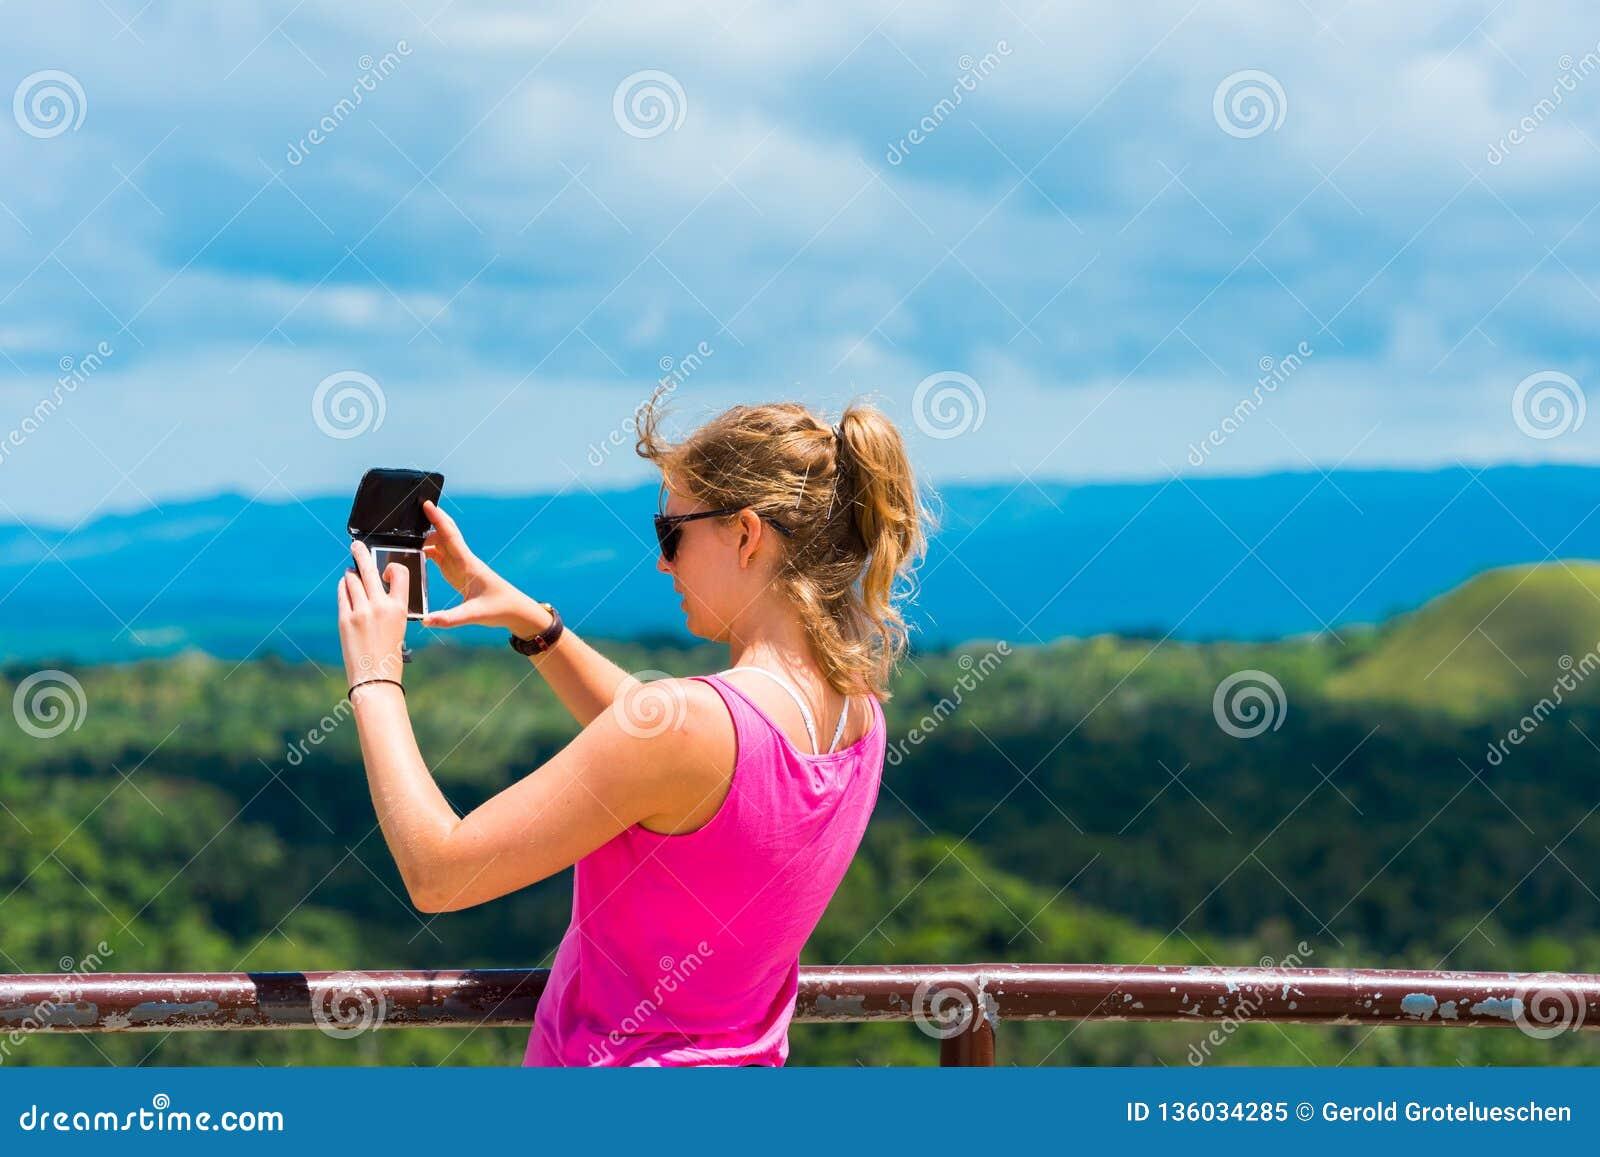 BOHOL, ФИЛИППИНЫ - 23-ЬЕ ФЕВРАЛЯ 2018: Девушка с камерой на предпосылке холмов шоколада фокуса съемка outdoors селективная